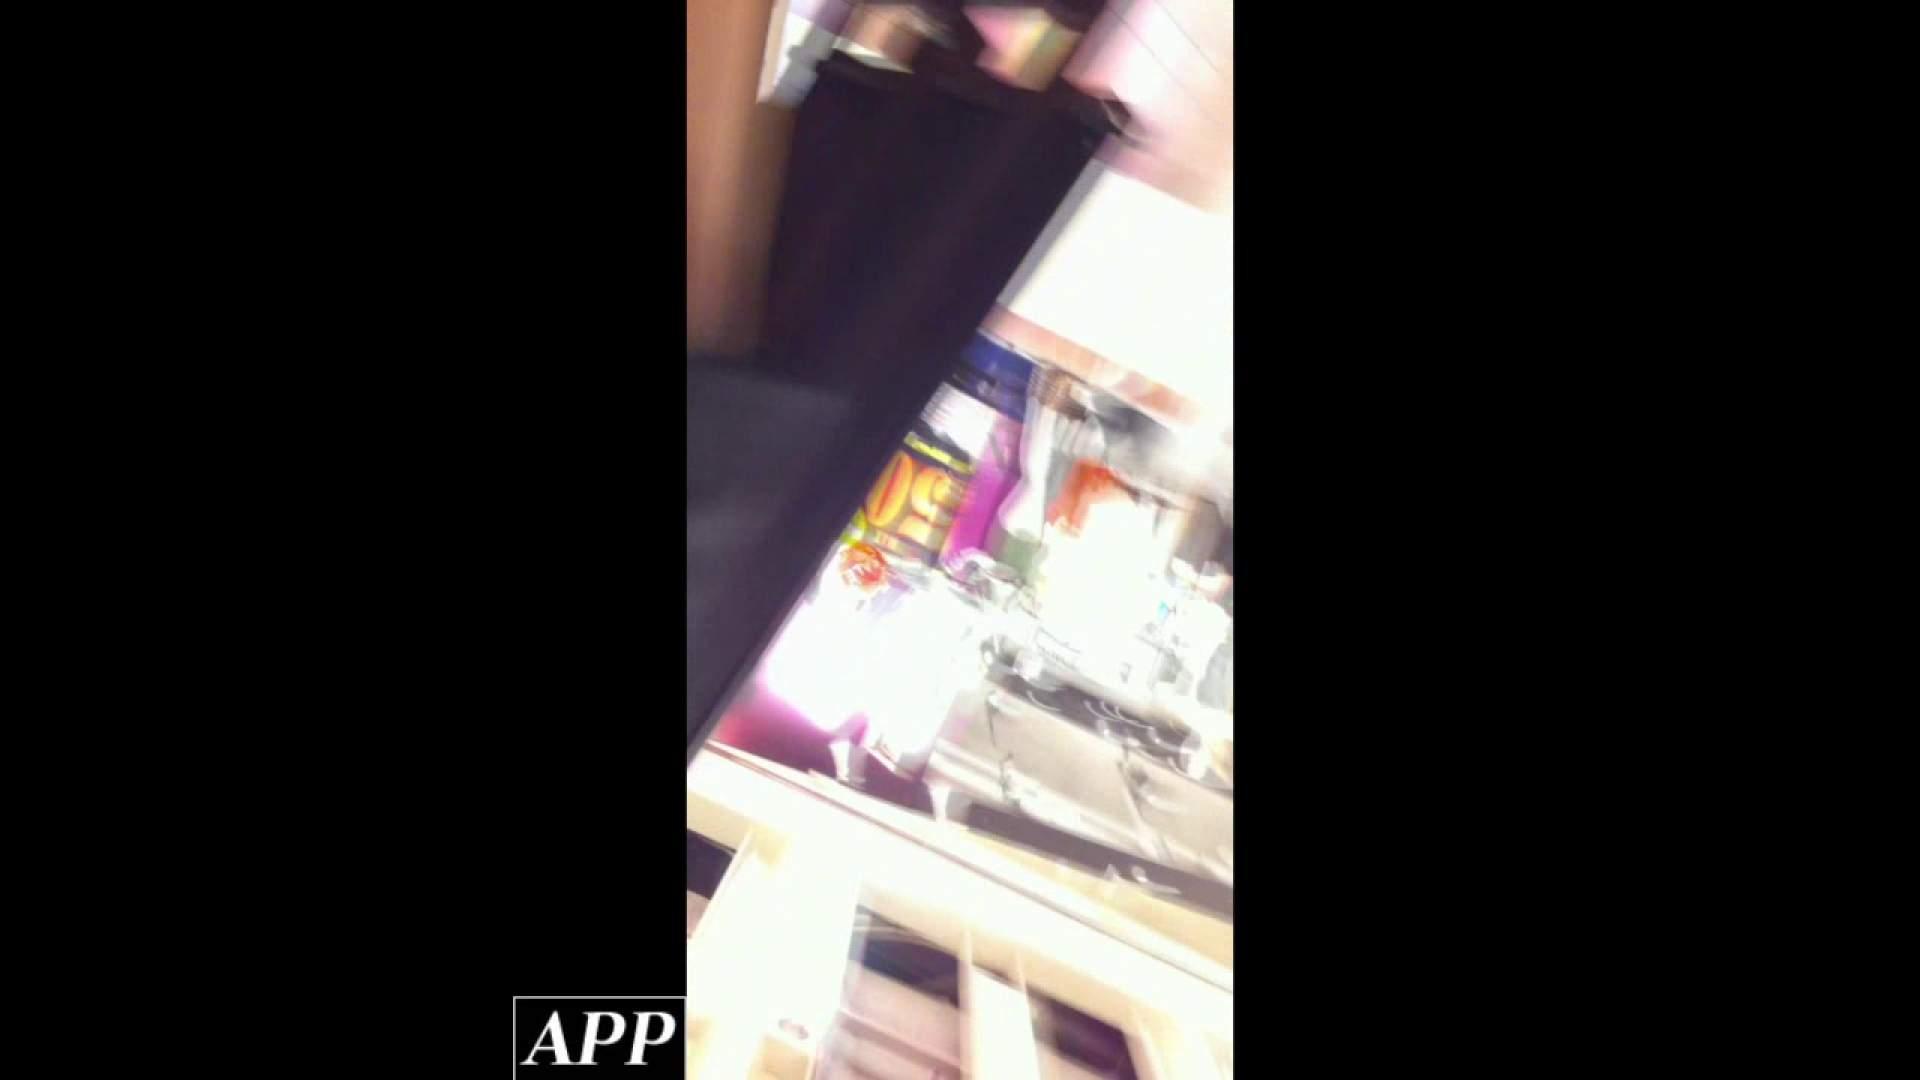 ハイビジョン盗撮!ショップ店員千人斬り!胸チラ編 vol.89 盗撮 オマンコ動画キャプチャ 113PICs 33